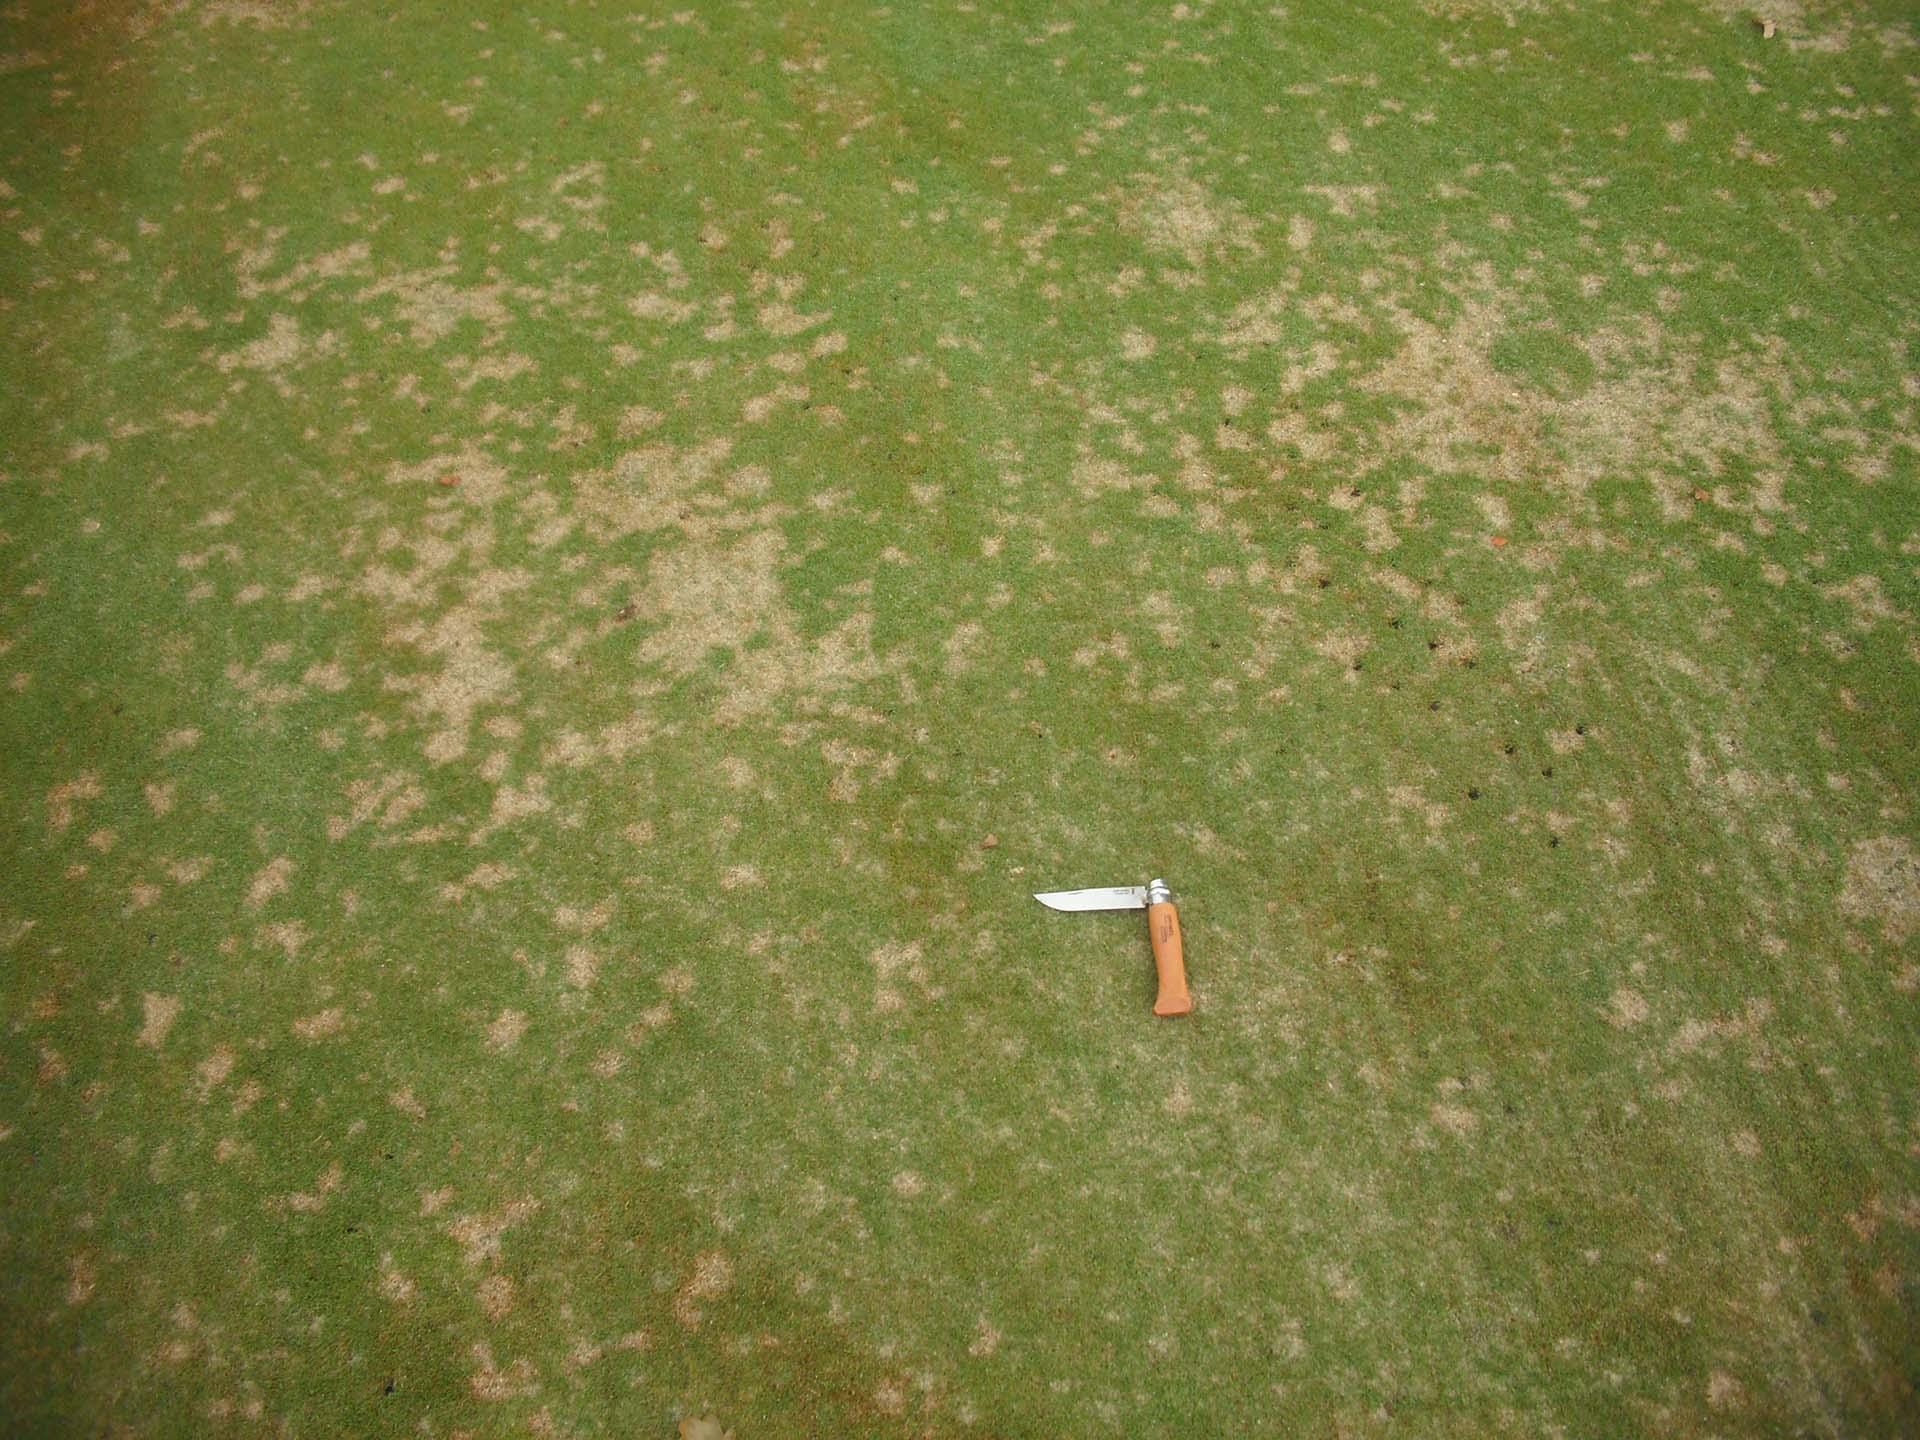 Dollar spot sur green de golf